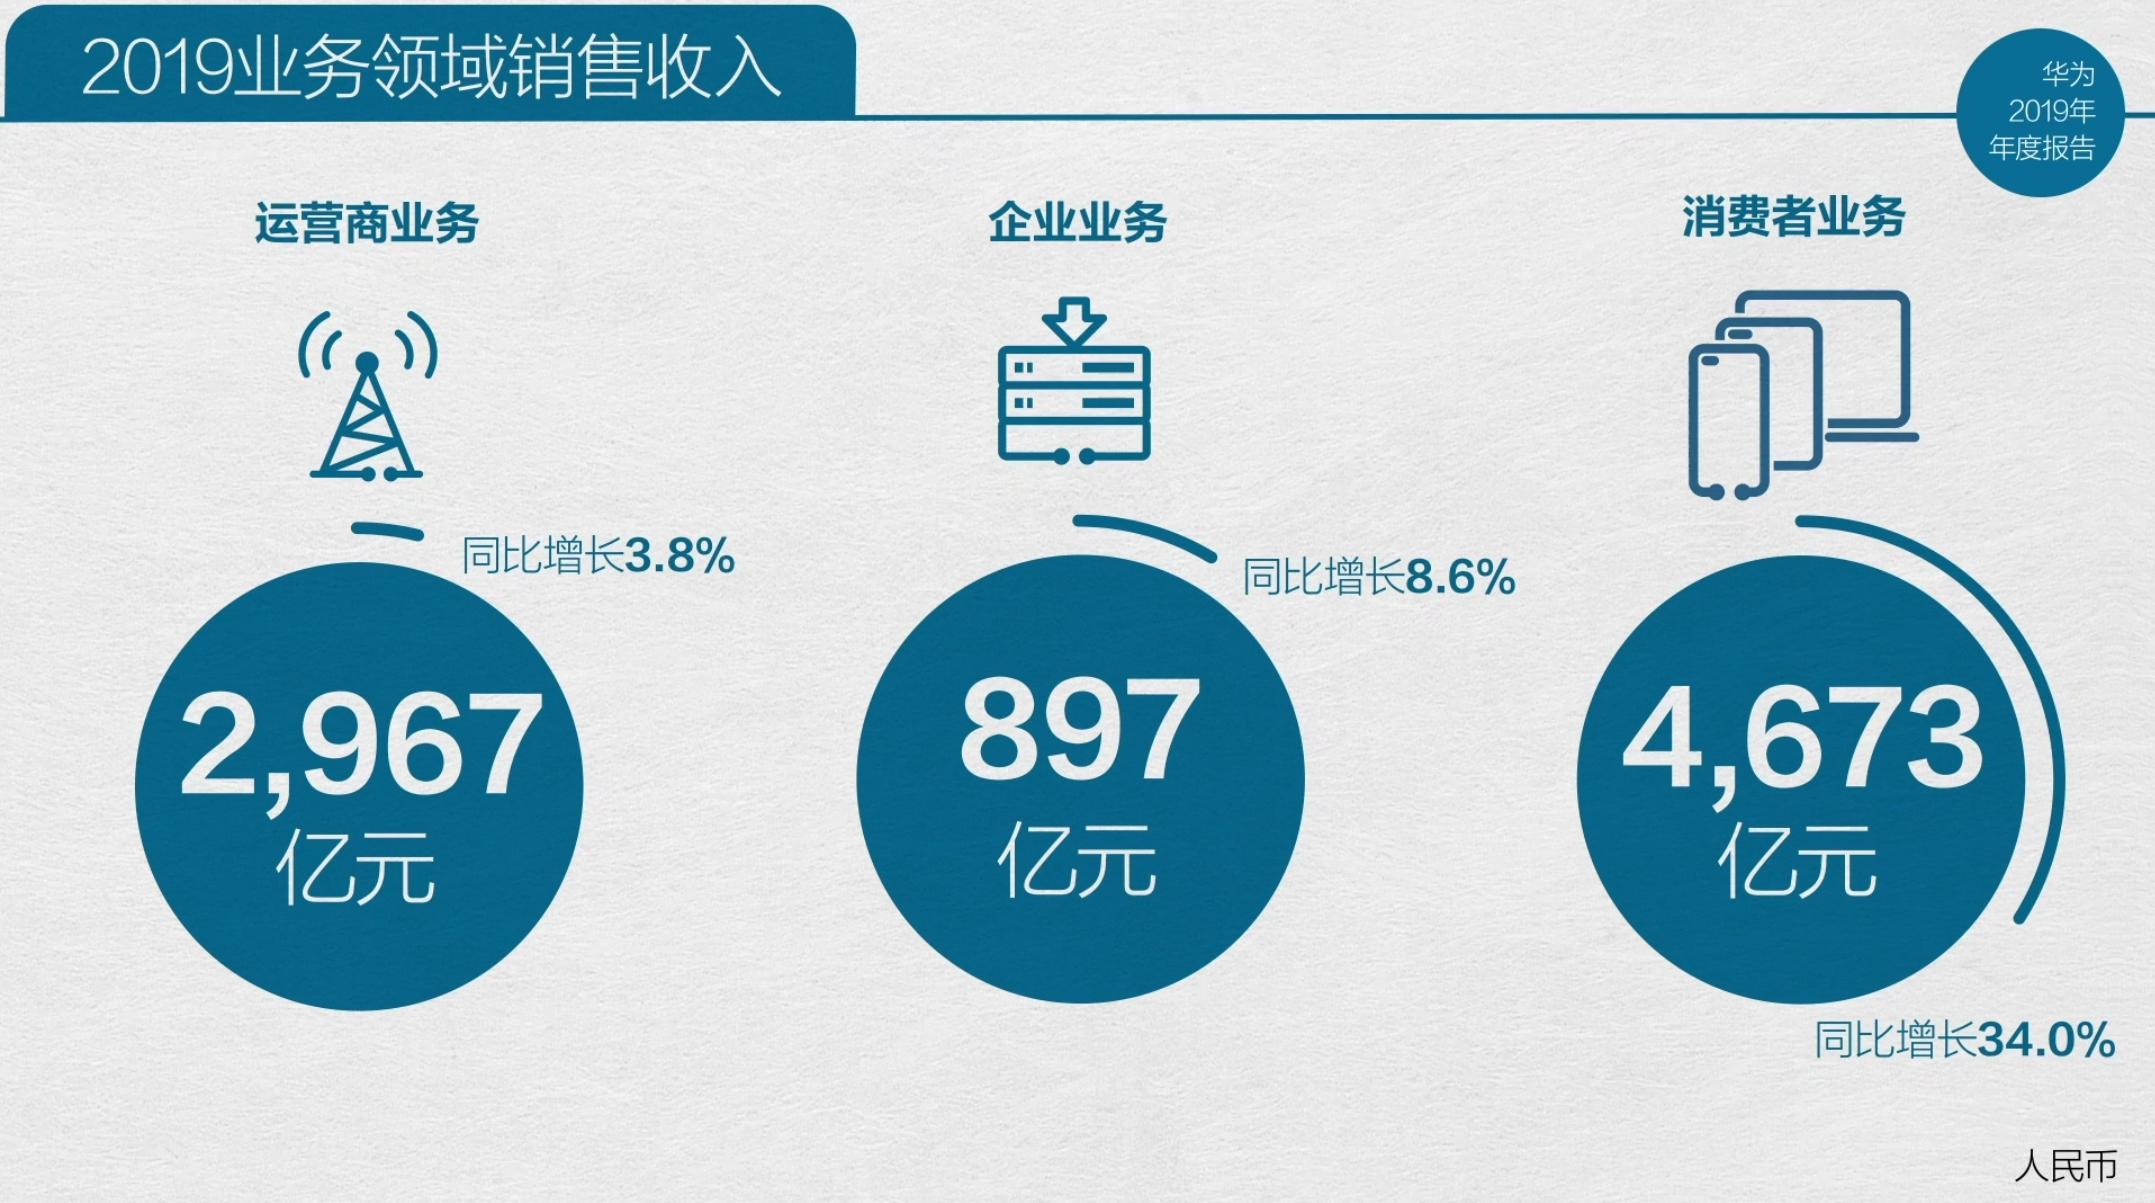 华为:2019年智能手机发货量2.4亿台,净利润627亿元